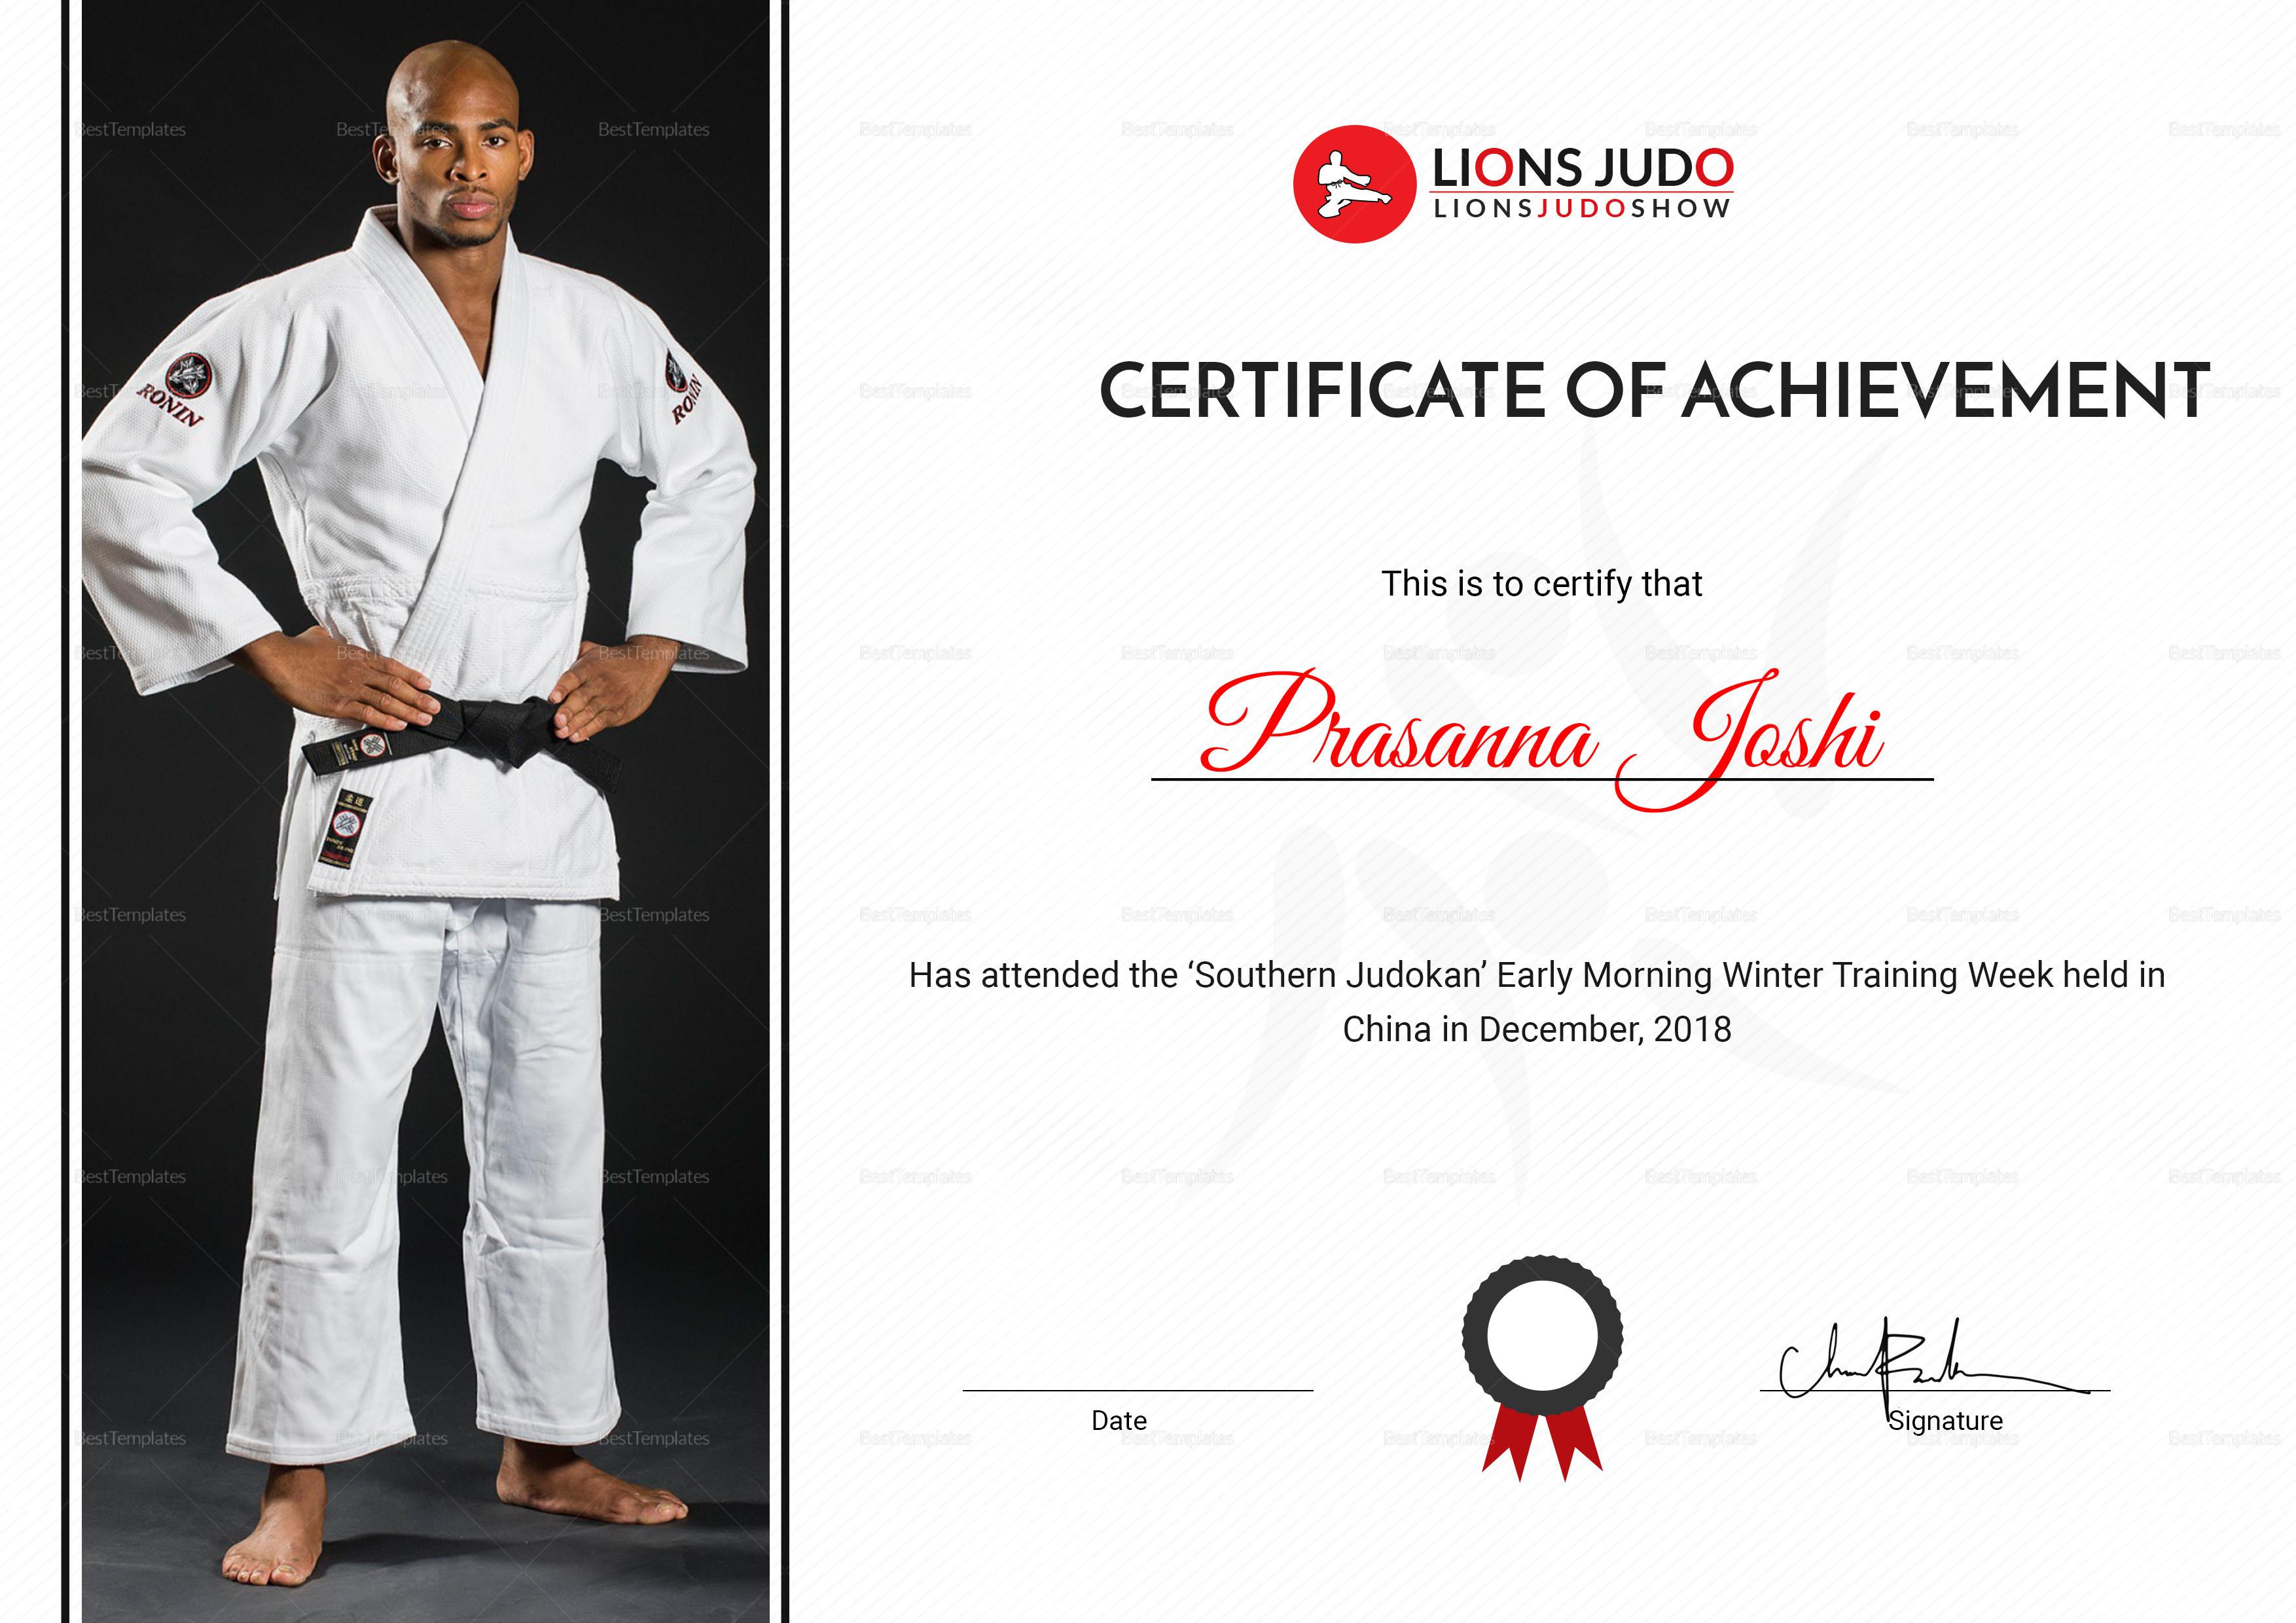 Judo Achievement Certificate Design Template In Psd Word